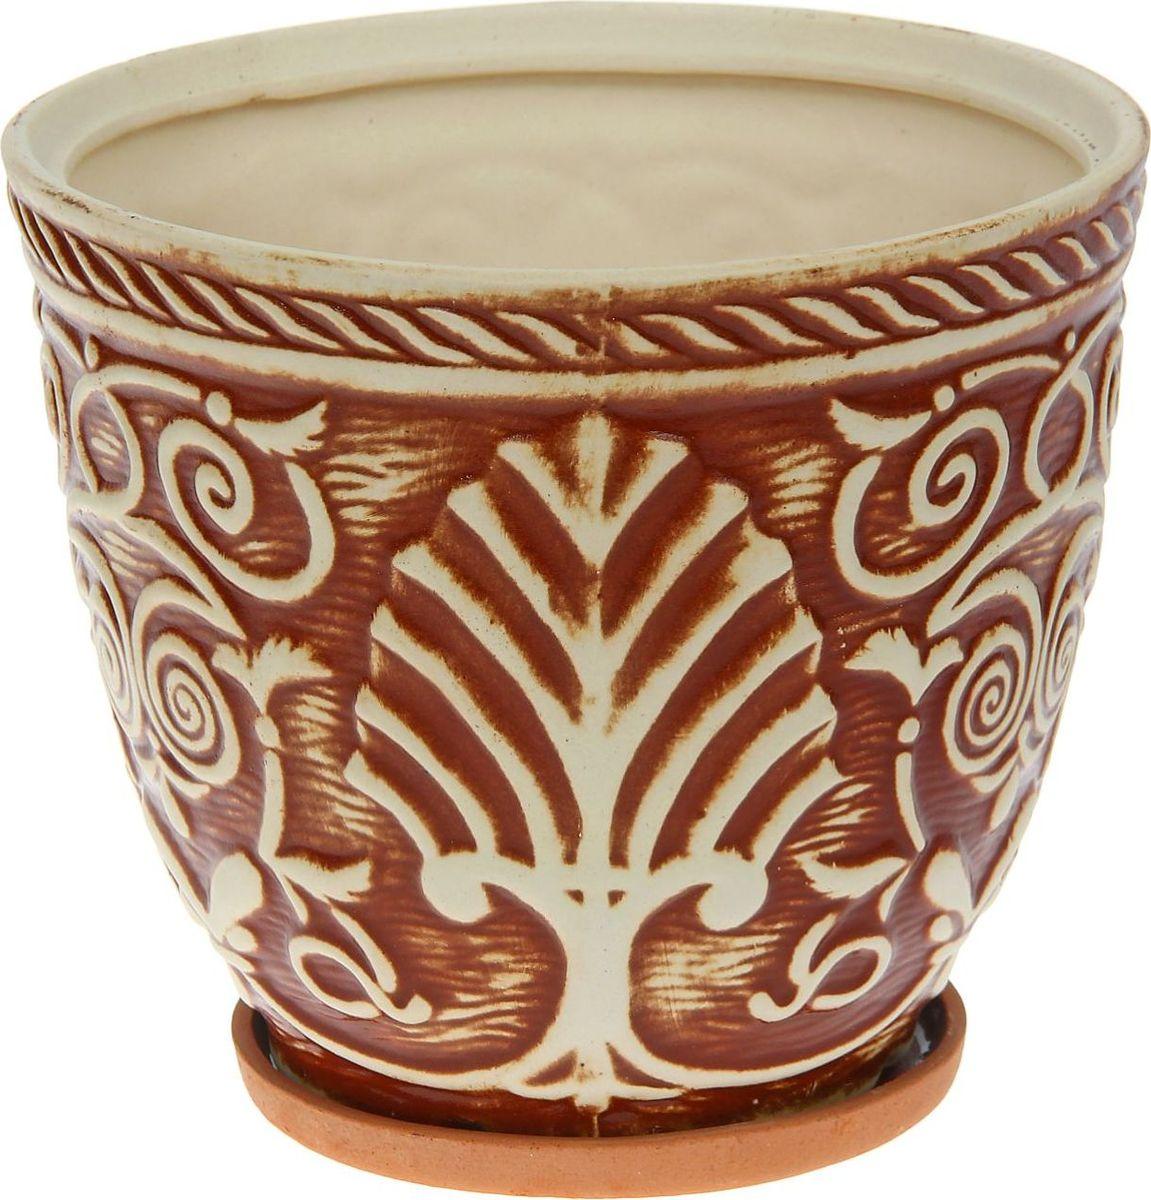 Кашпо Керамика ручной работы Славянское. Глазурь, цвет: коричневый, 5 л1114317Комнатные растения — всеобщие любимцы. Они радуют глаз, насыщают помещение кислородом и украшают пространство. Каждому из них необходим свой удобный и красивый дом. Кашпо из керамики прекрасно подходят для высадки растений: за счет пластичности глины и разных способов обработки существует великое множество форм и дизайнов пористый материал позволяет испаряться лишней влаге воздух, необходимый для дыхания корней, проникает сквозь керамические стенки! позаботится о зеленом питомце, освежит интерьер и подчеркнет его стиль.